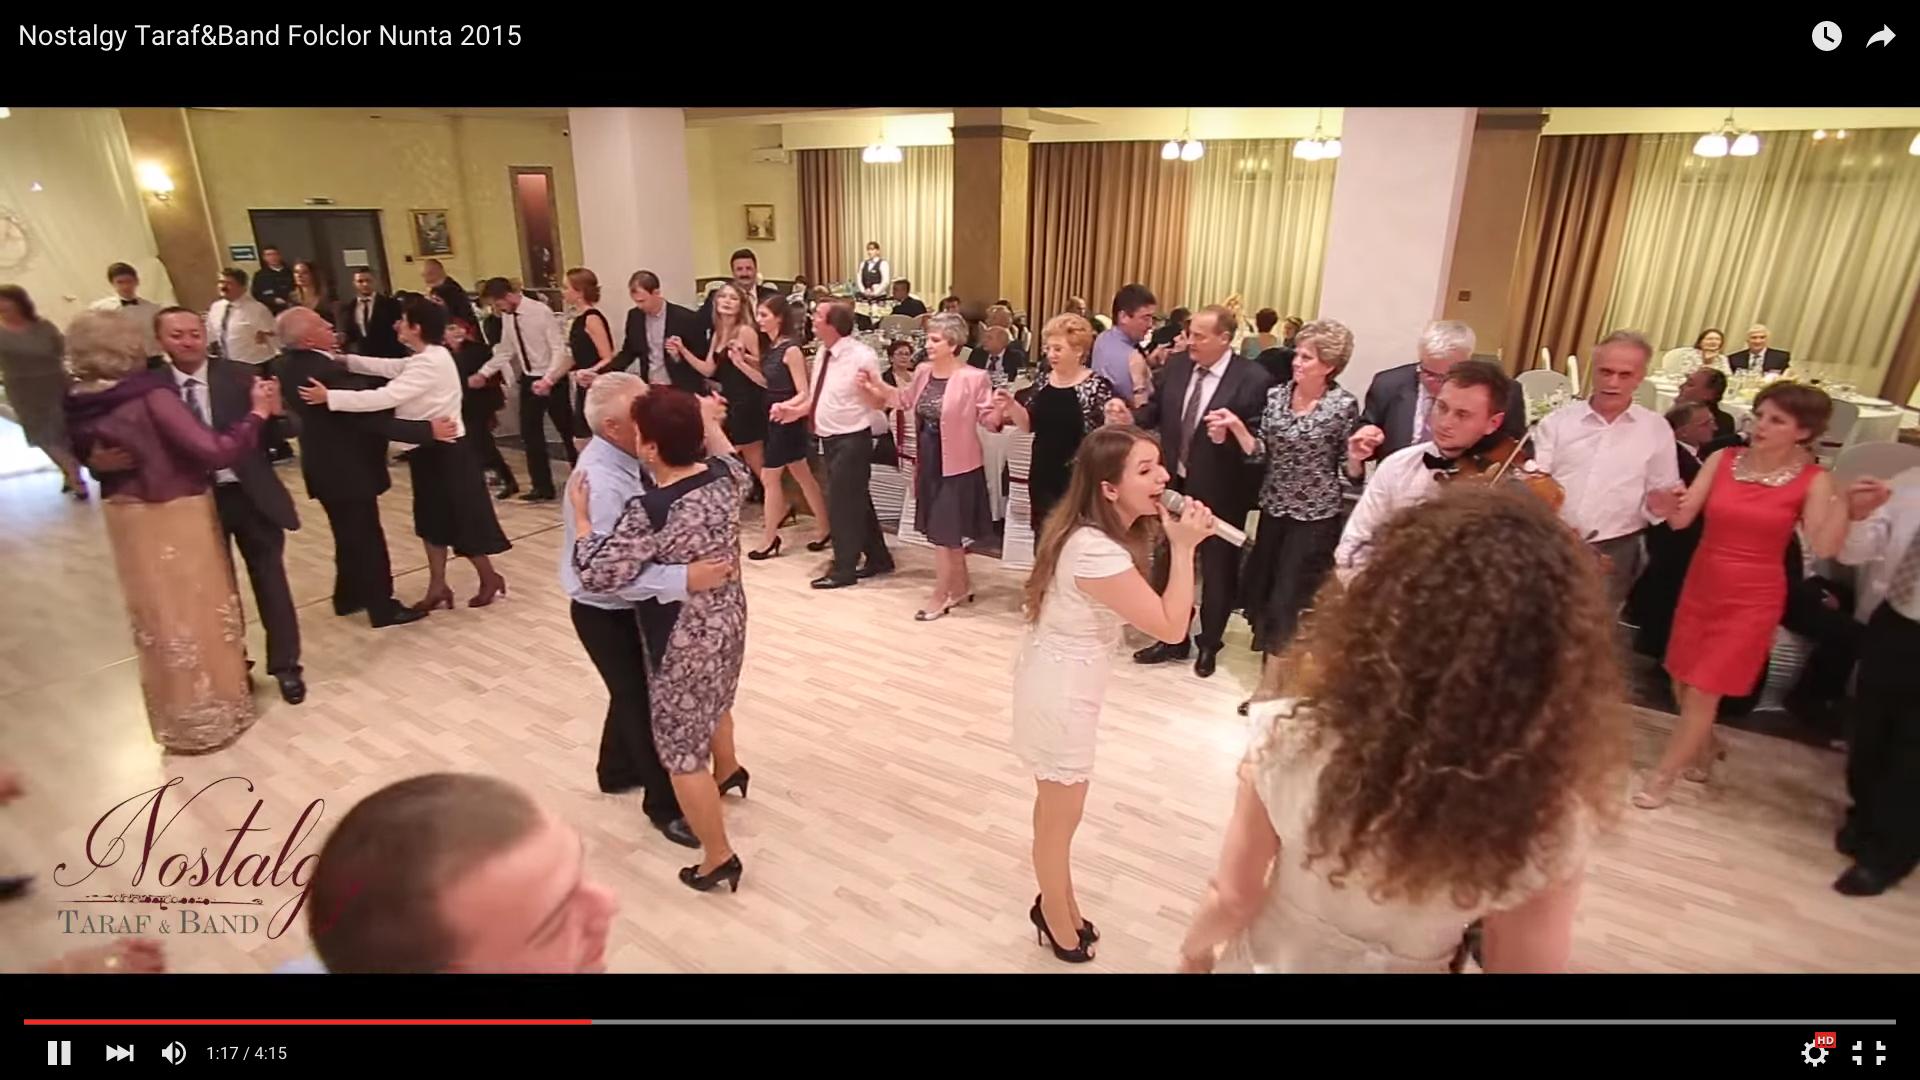 formatie nunta Nostalgy Taraf&Band Folclor Nunta 2015